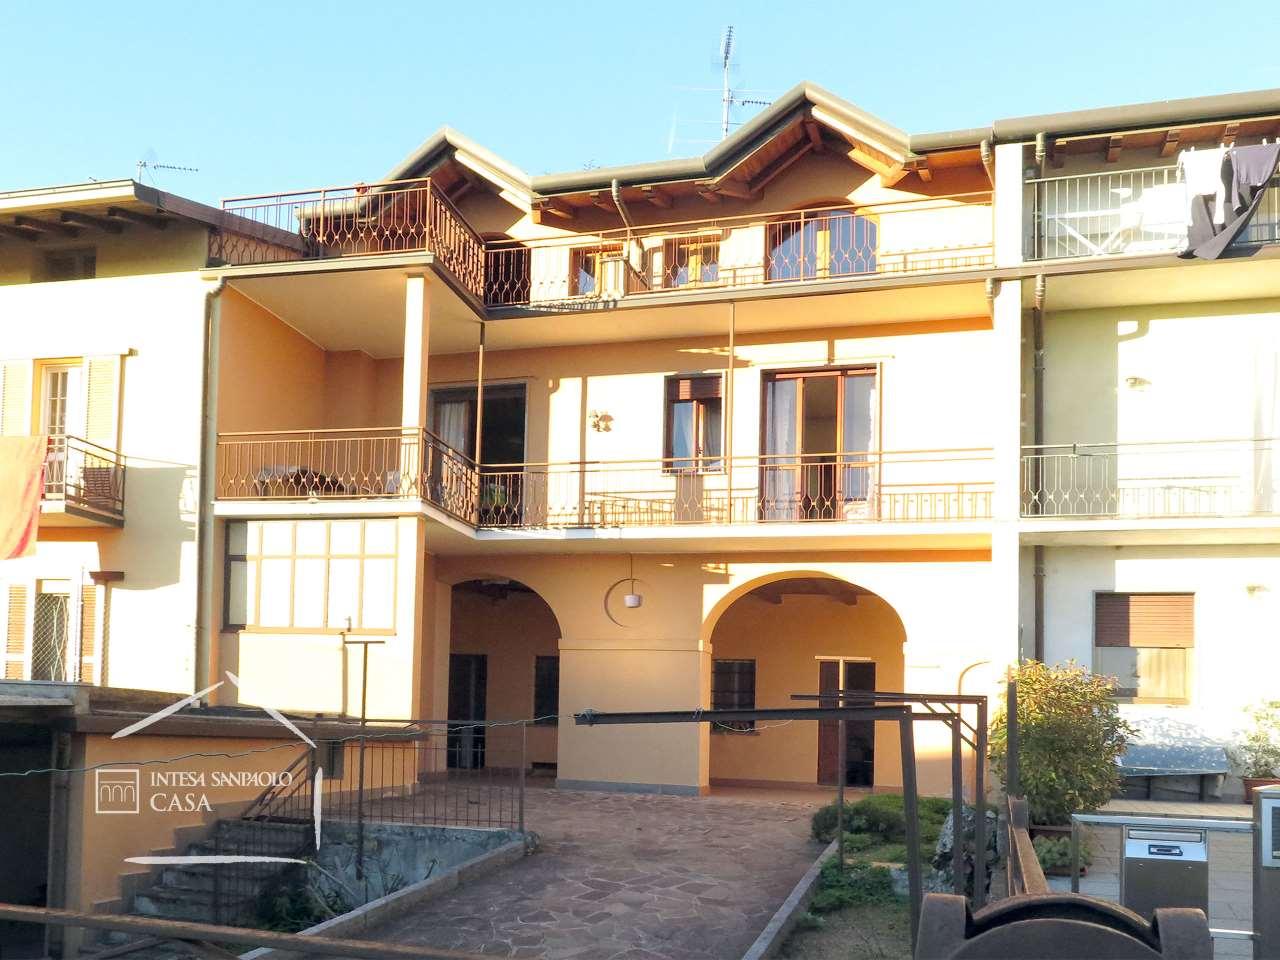 Casa indipendente in Vendita a Veduggio Con Colzano: 5 locali, 208 mq